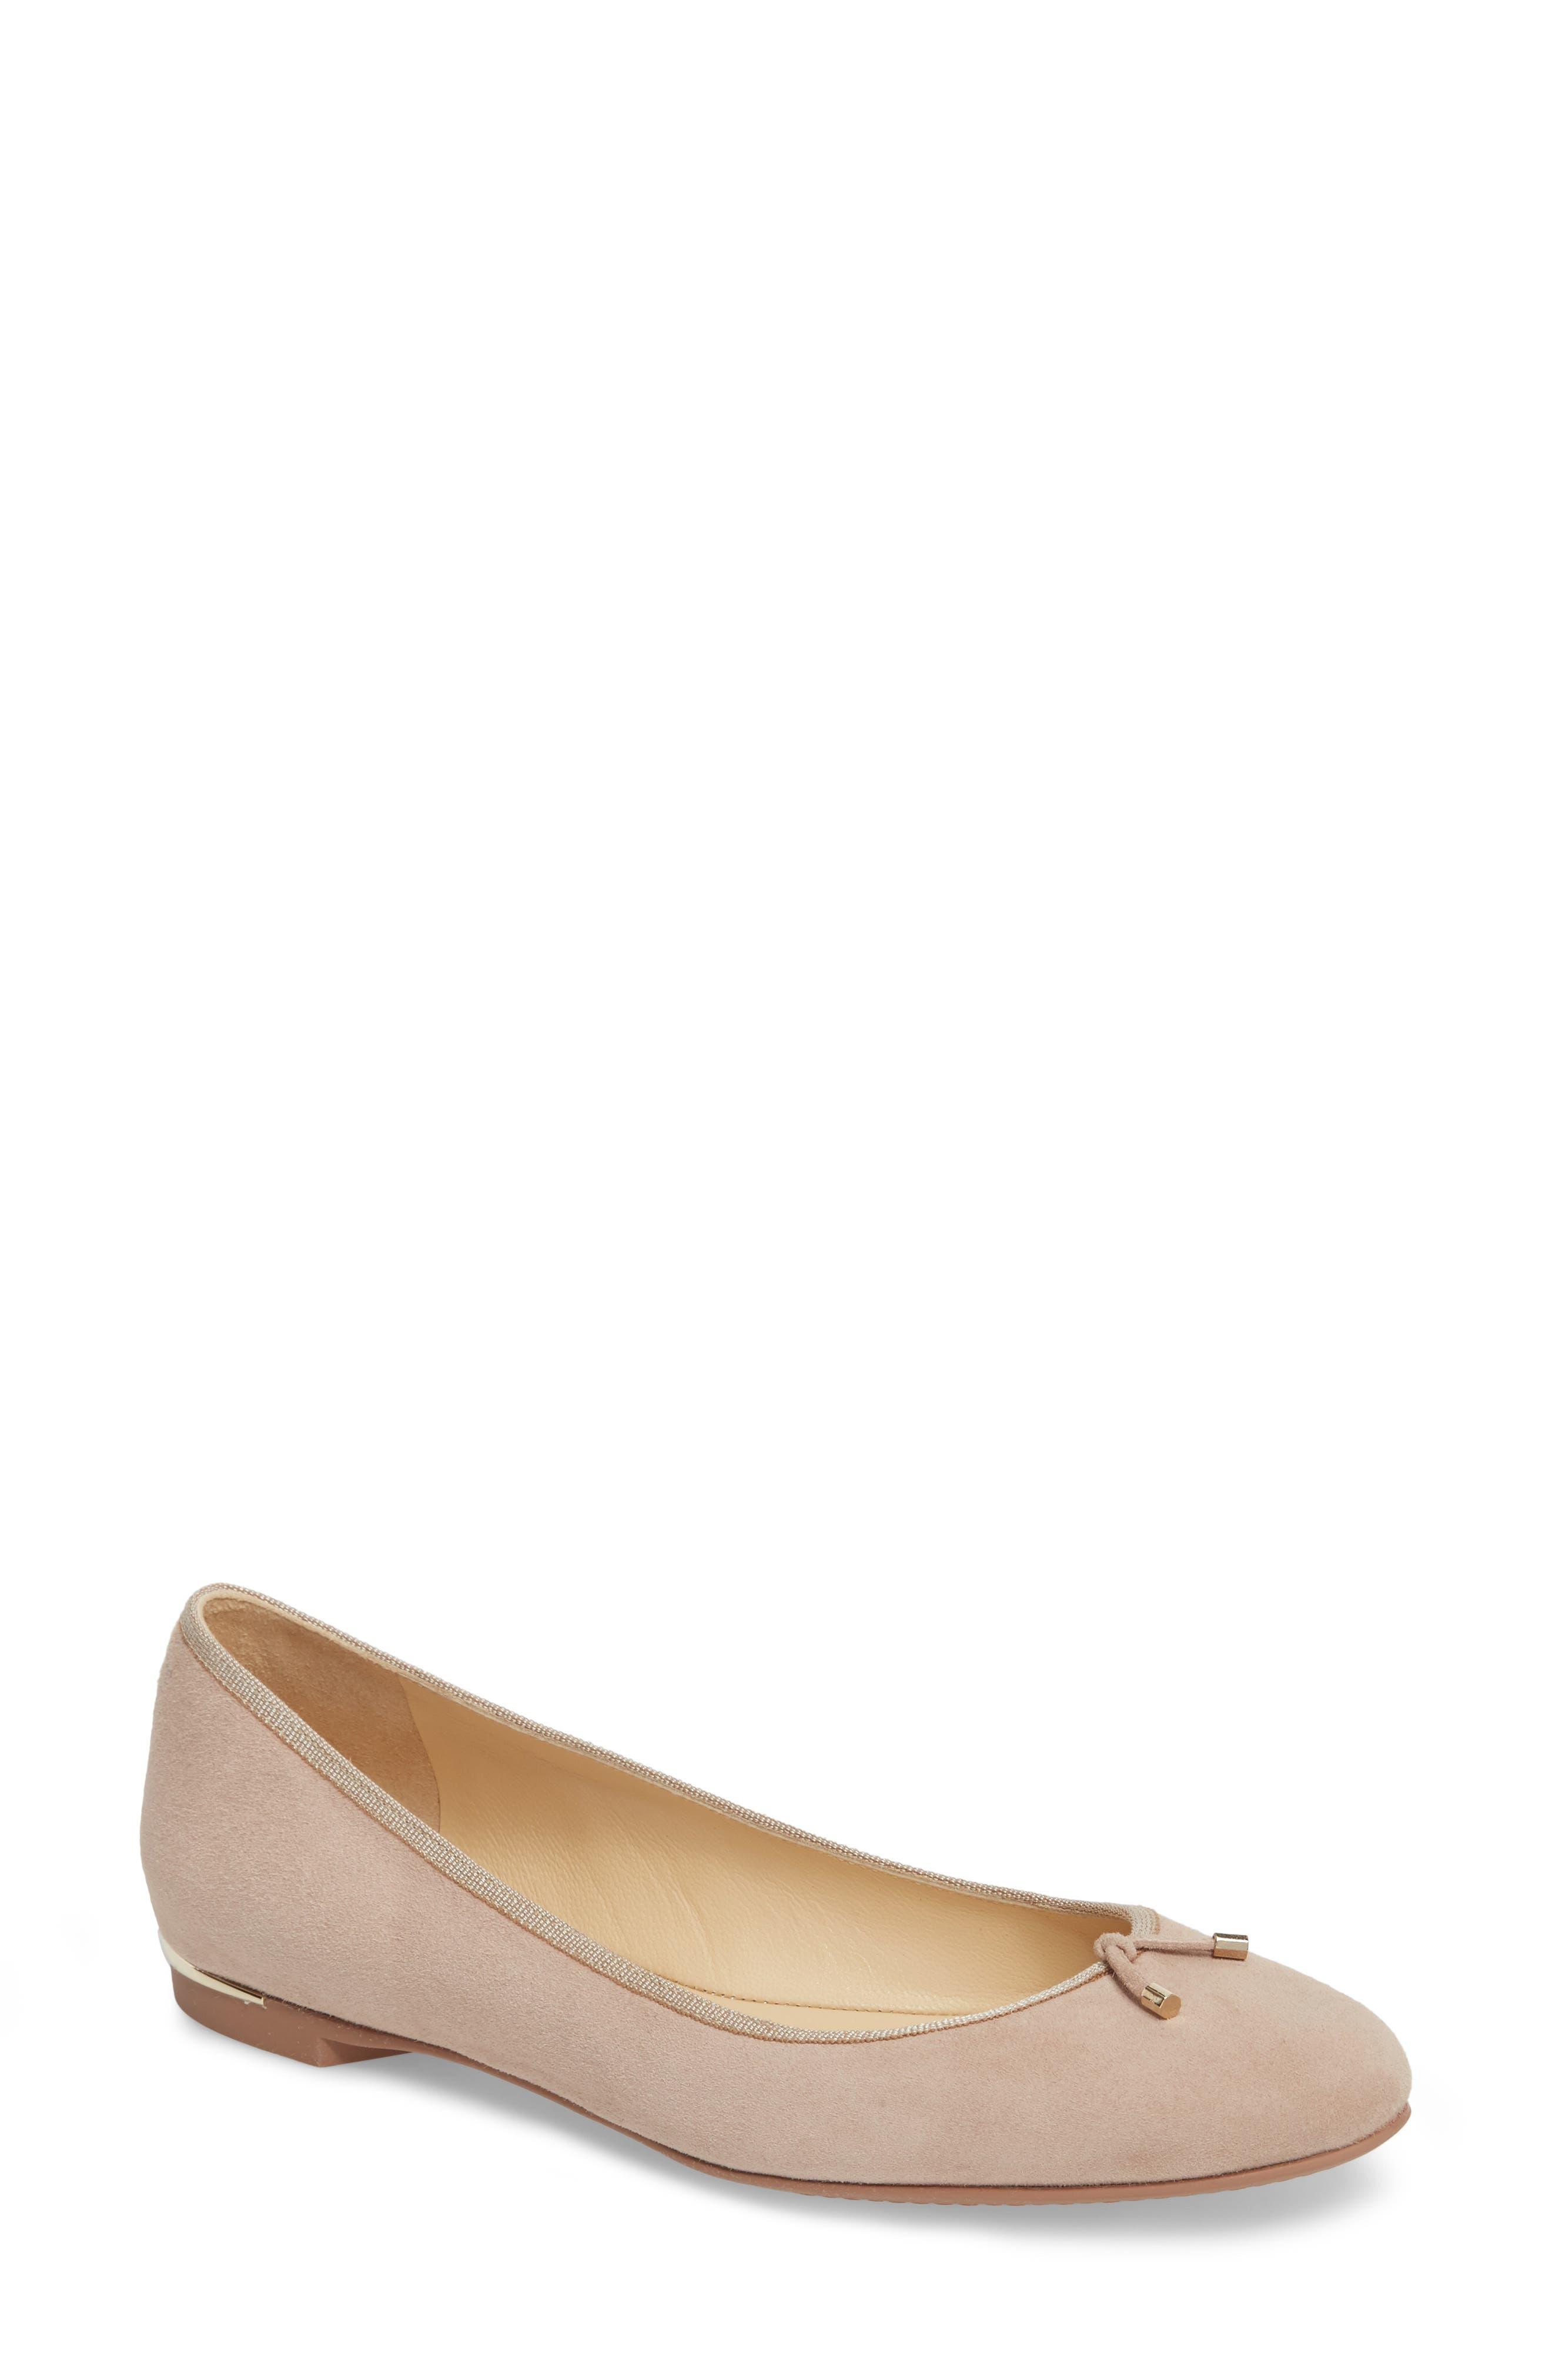 Jennie Ballet Flat,                         Main,                         color, 680